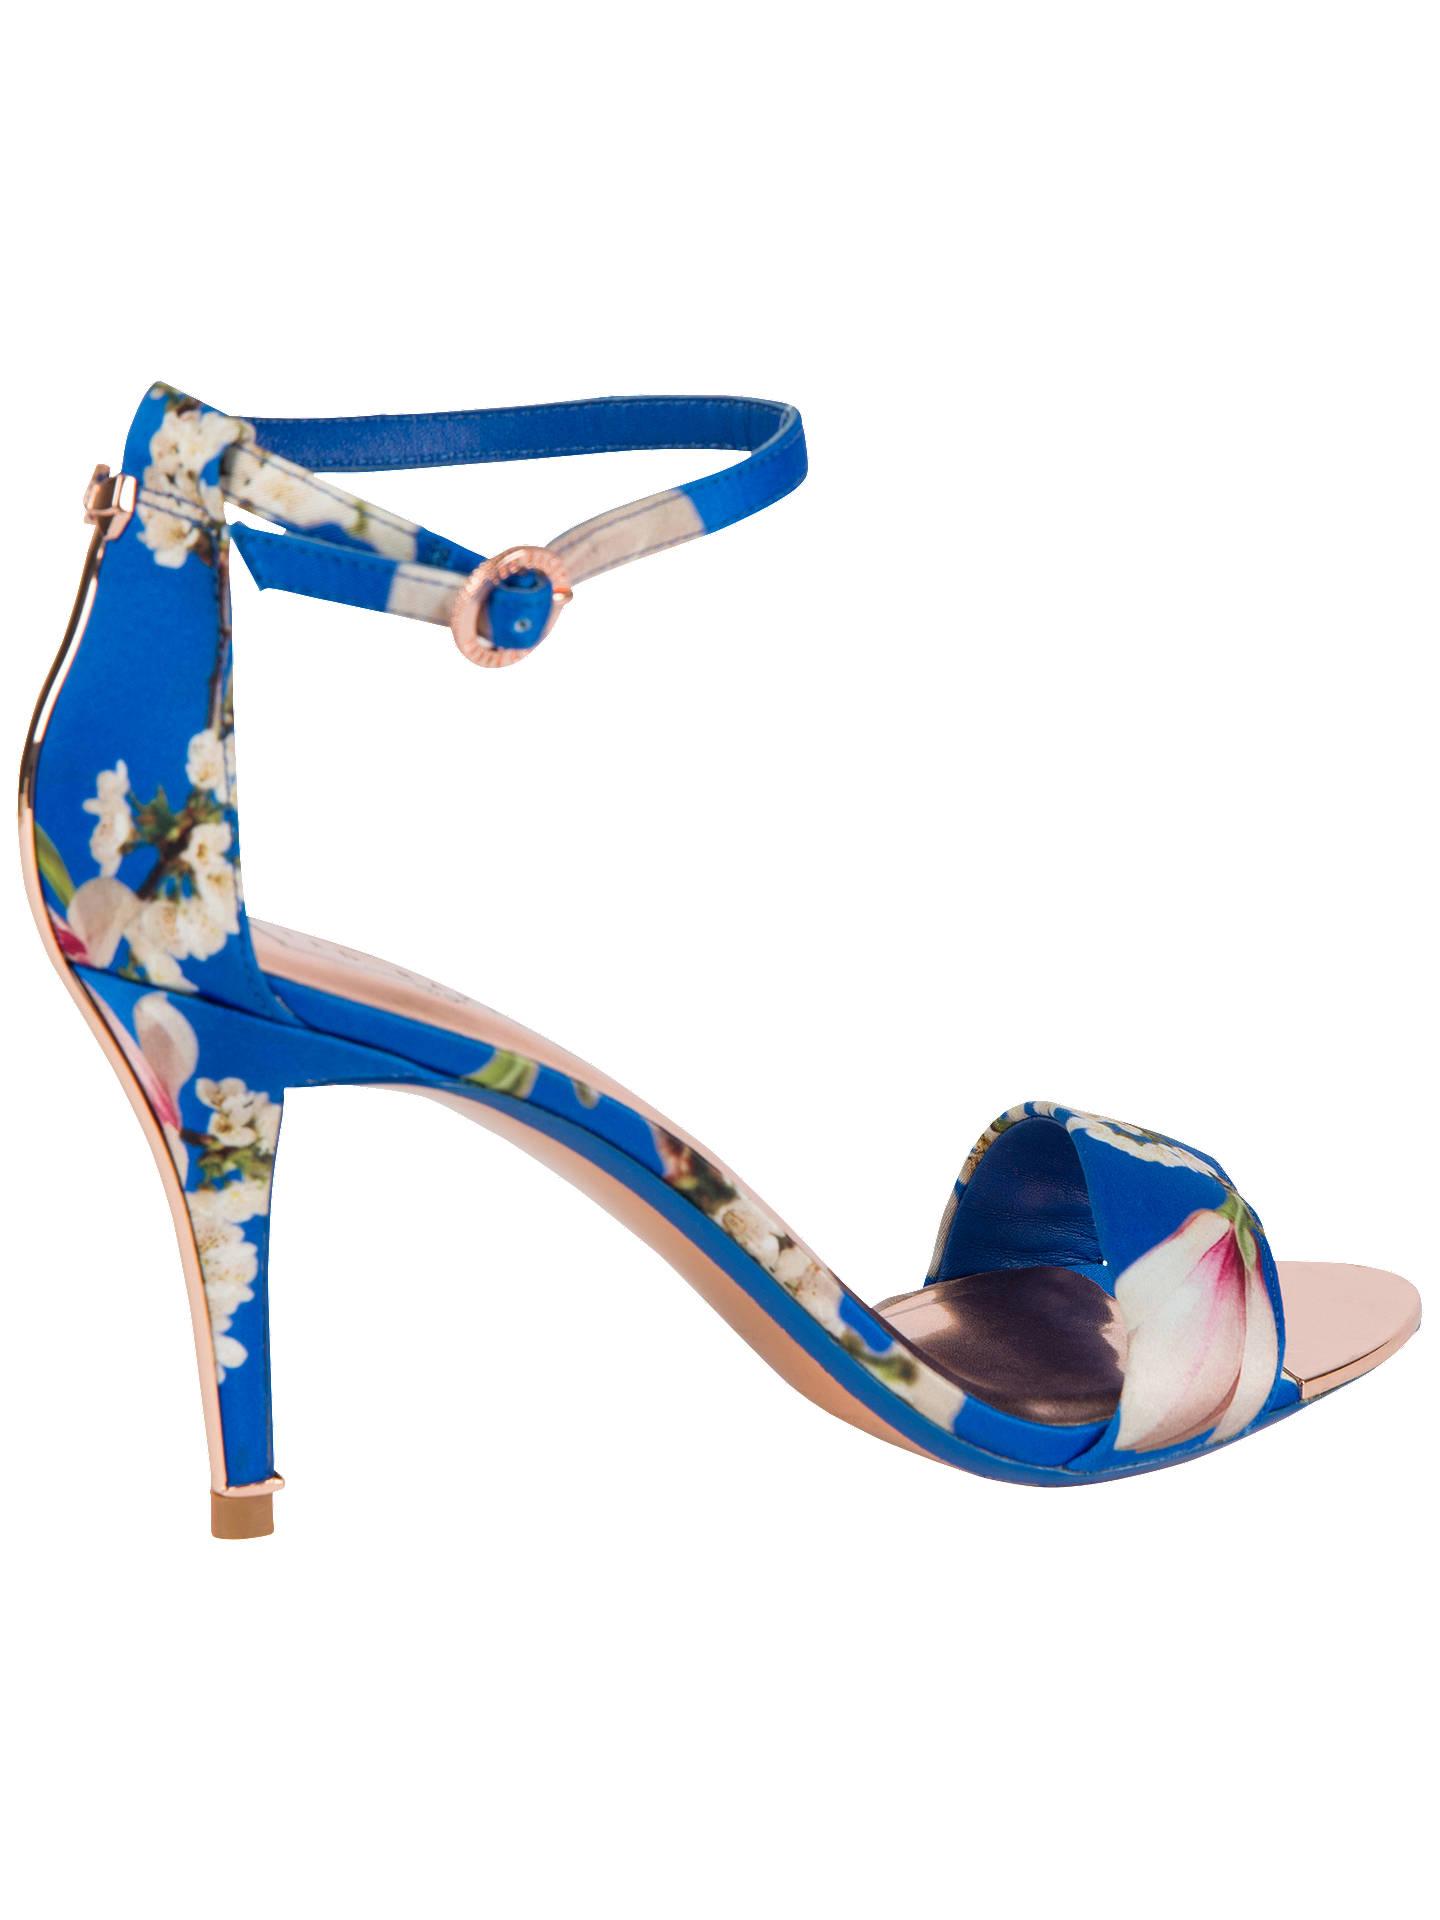 7deb311af52d14 ... Buy Ted Baker Mavbe Harmony Sandals